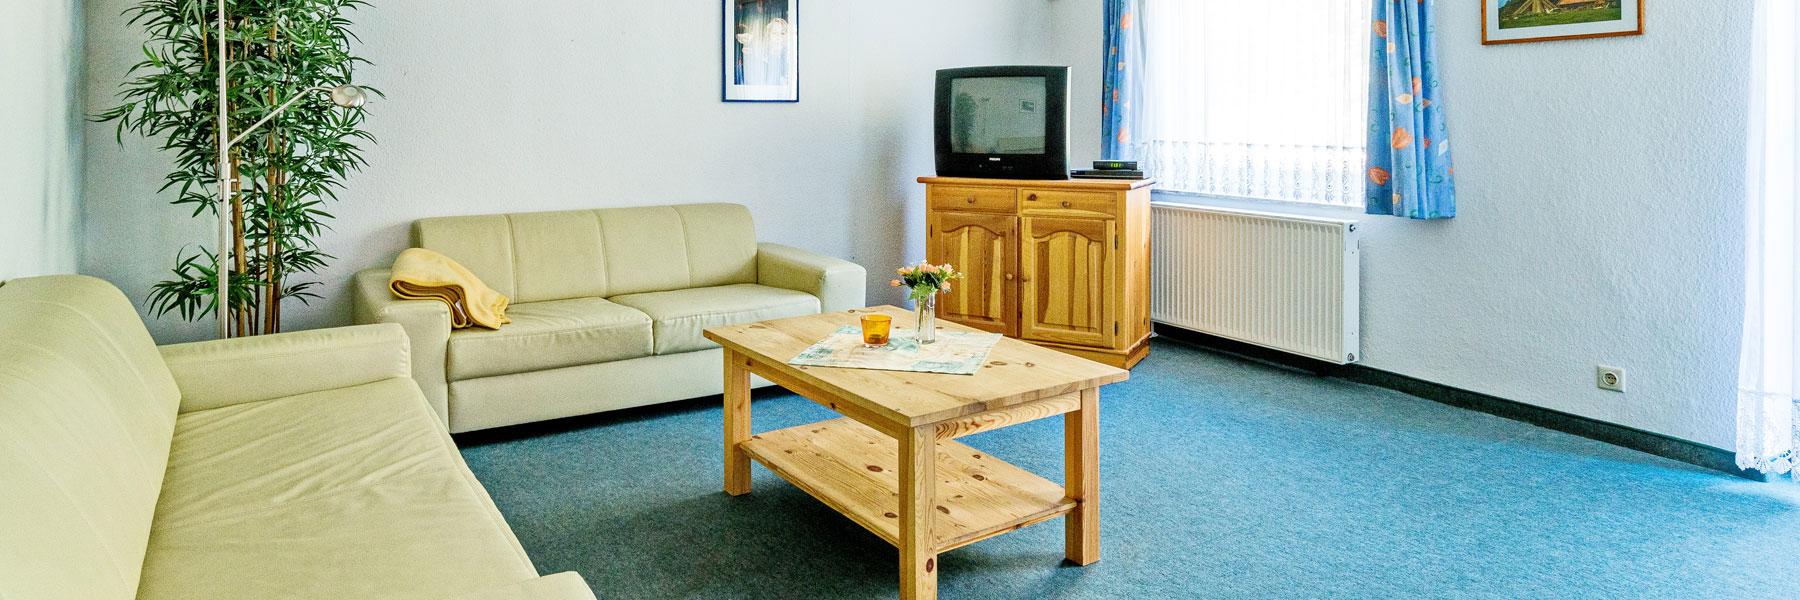 Wohnraum - Ferienwohnungen Waldesruh Dierhagen